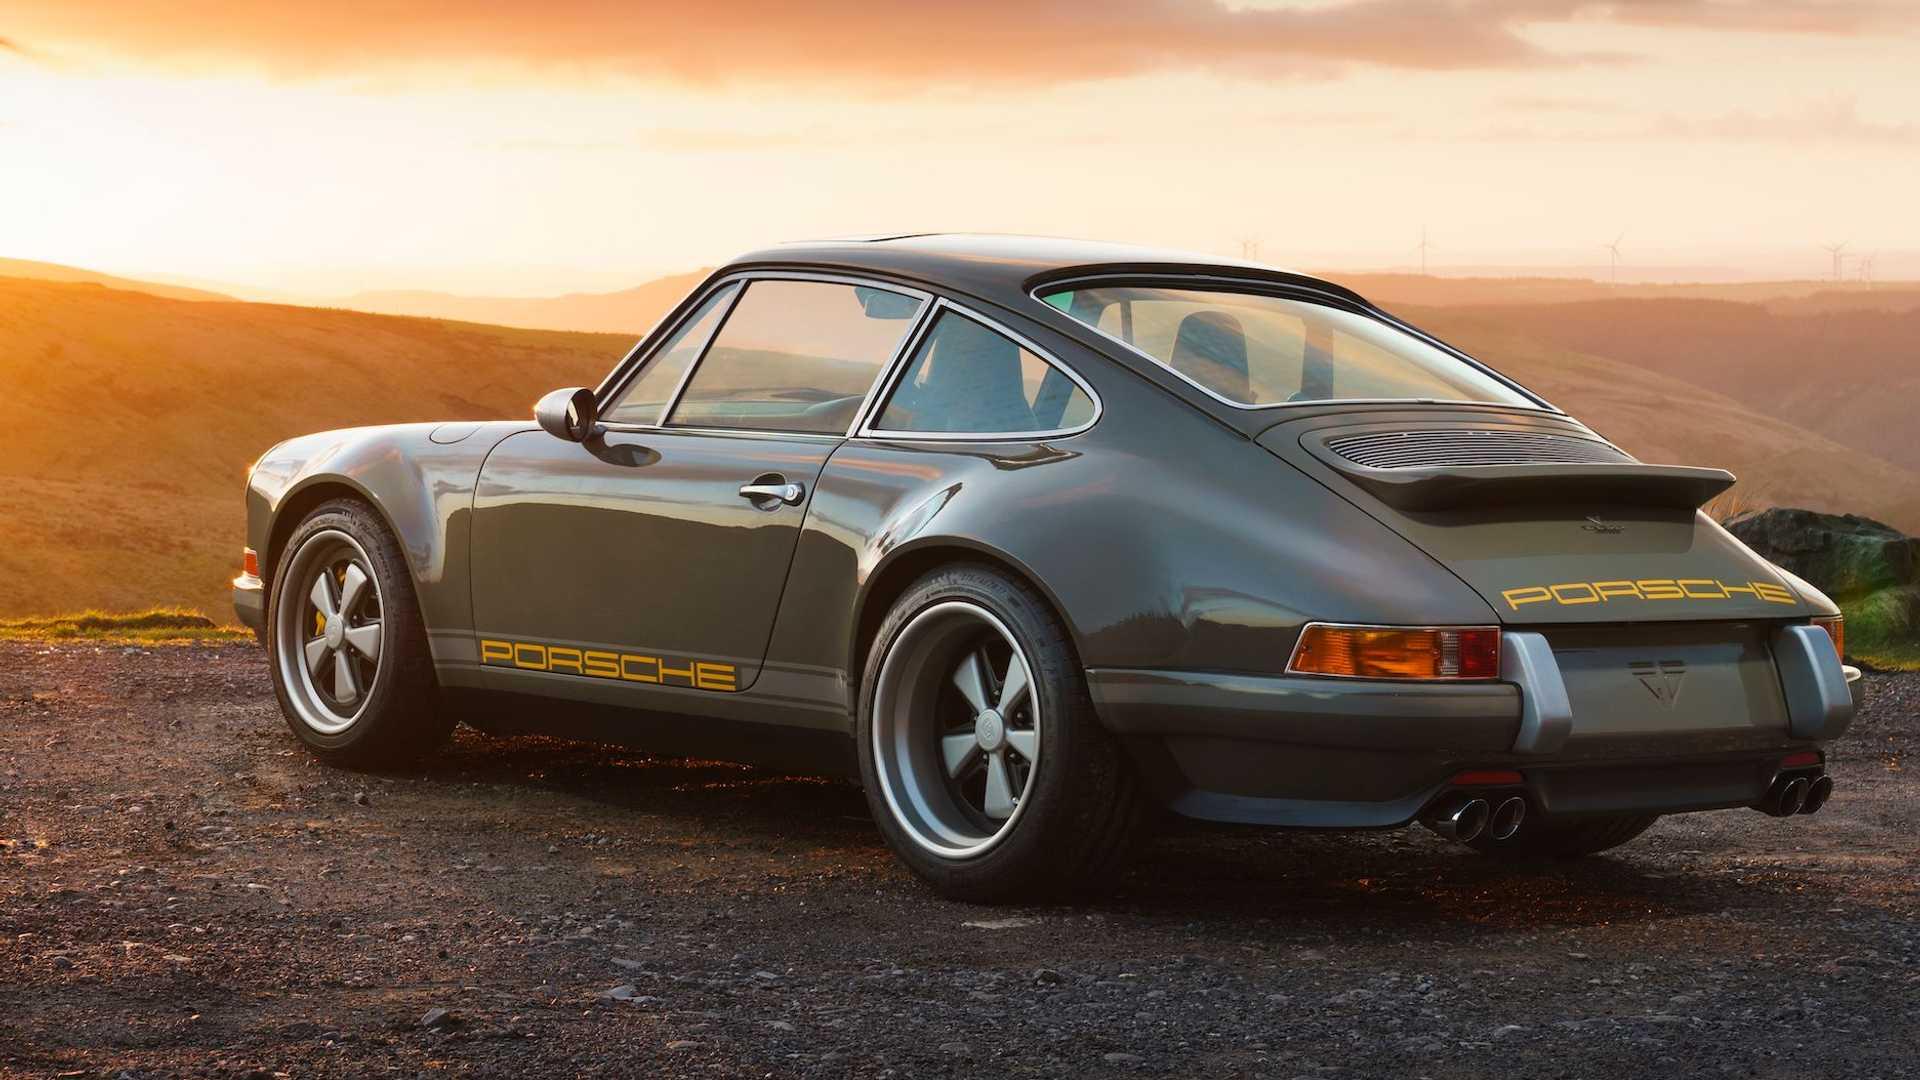 Theon-Design-HK002-Porsche-911-38